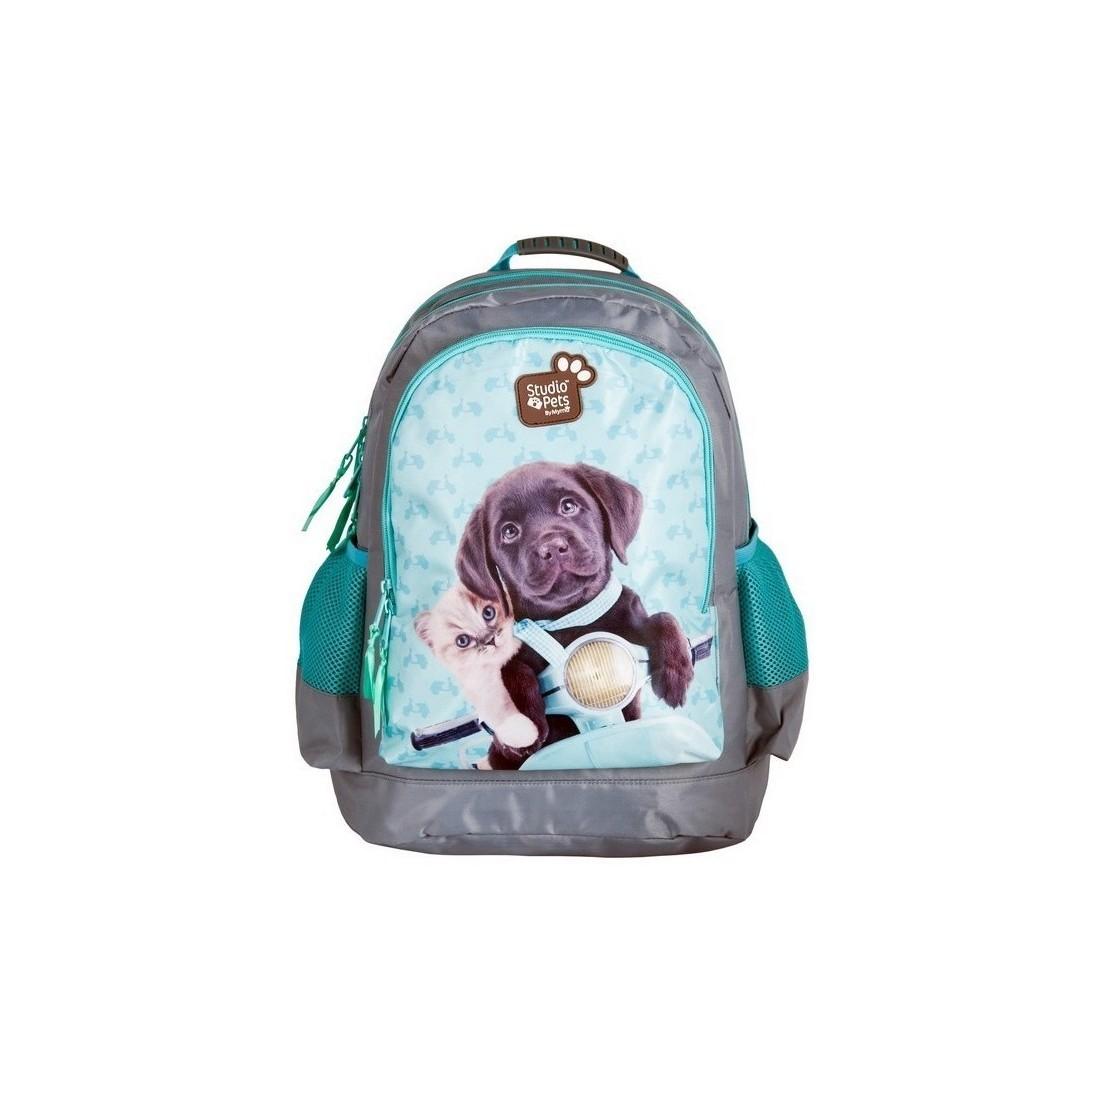 brak podatku od sprzedaży szczegółowe zdjęcia nowe style Plecak szkolny Studio Pets pies i kot na motorze